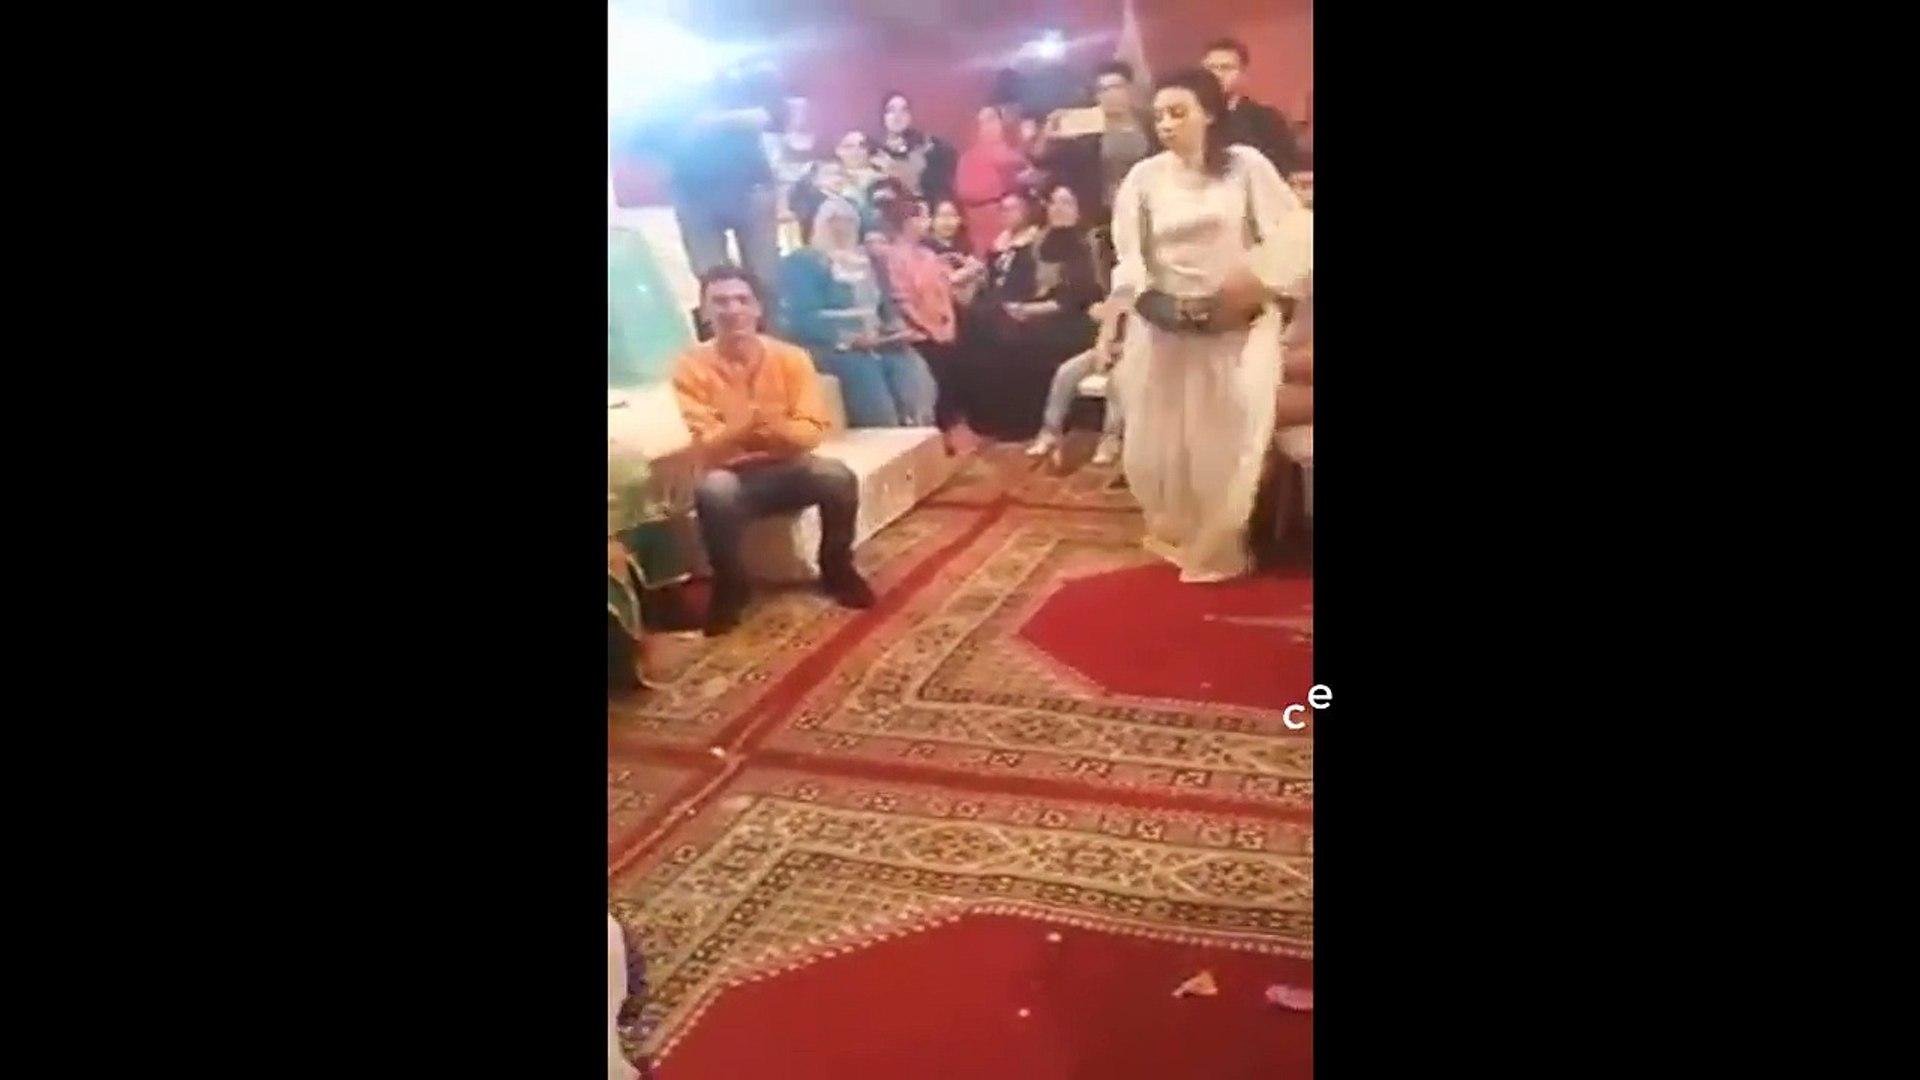 احلا شعبي في عرس مغربي خطييييير  Maroc Nayda Nachat cha3bi 2017 - YouTube